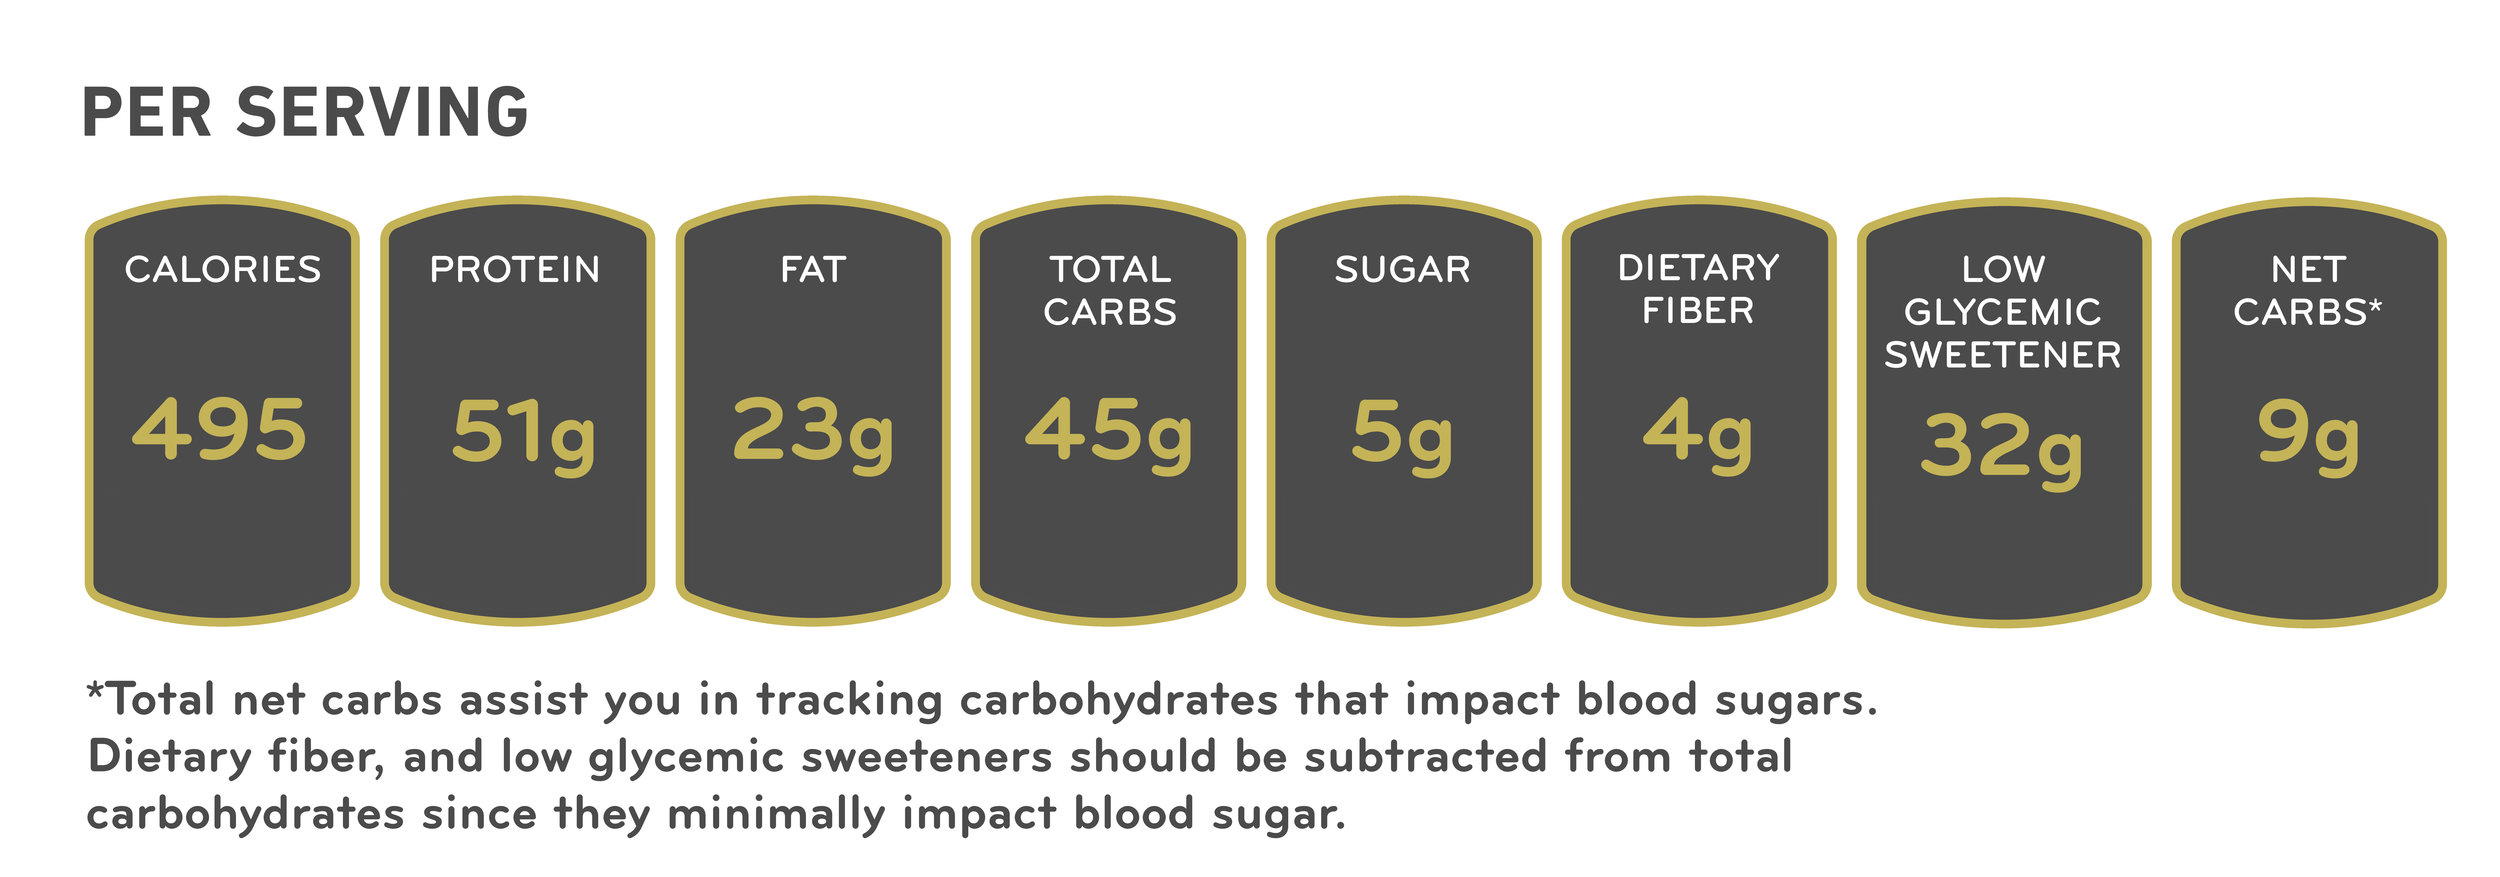 LOW CARB KETO TERIYAKI GLAZED SALMON WITH CAULIFLOWER FRIED RICE NUTRITION FACTS.jpg